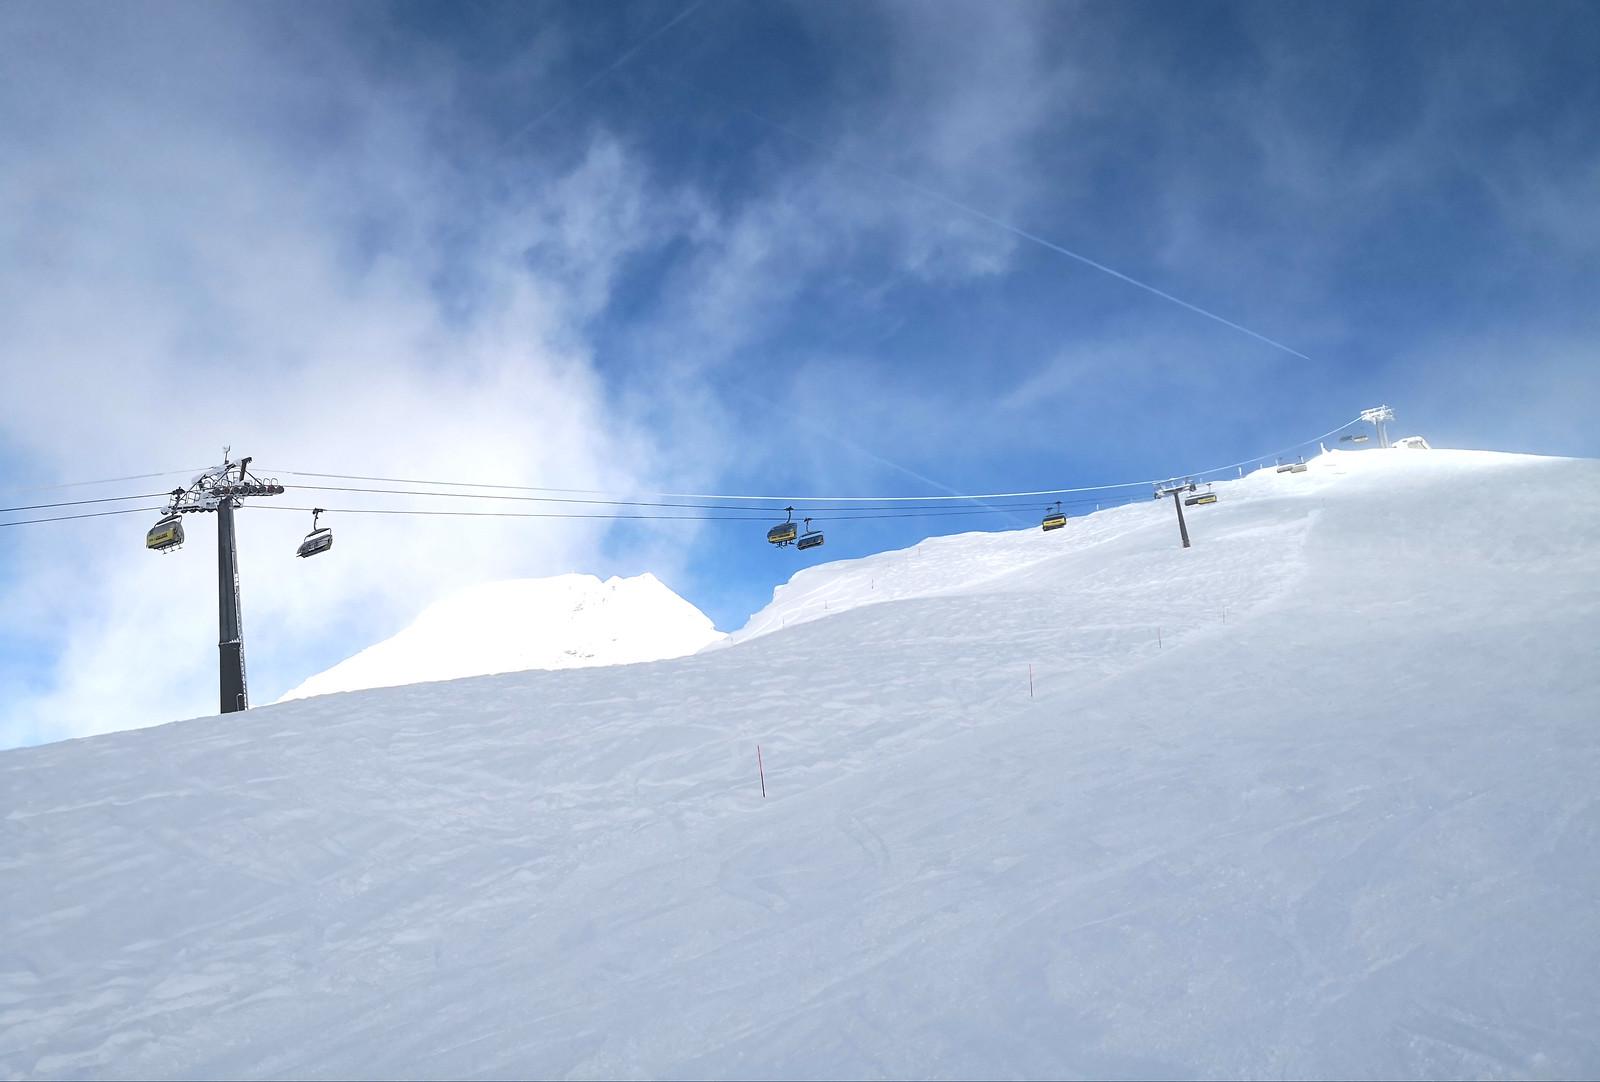 Intermediate slopes at Hochsträss